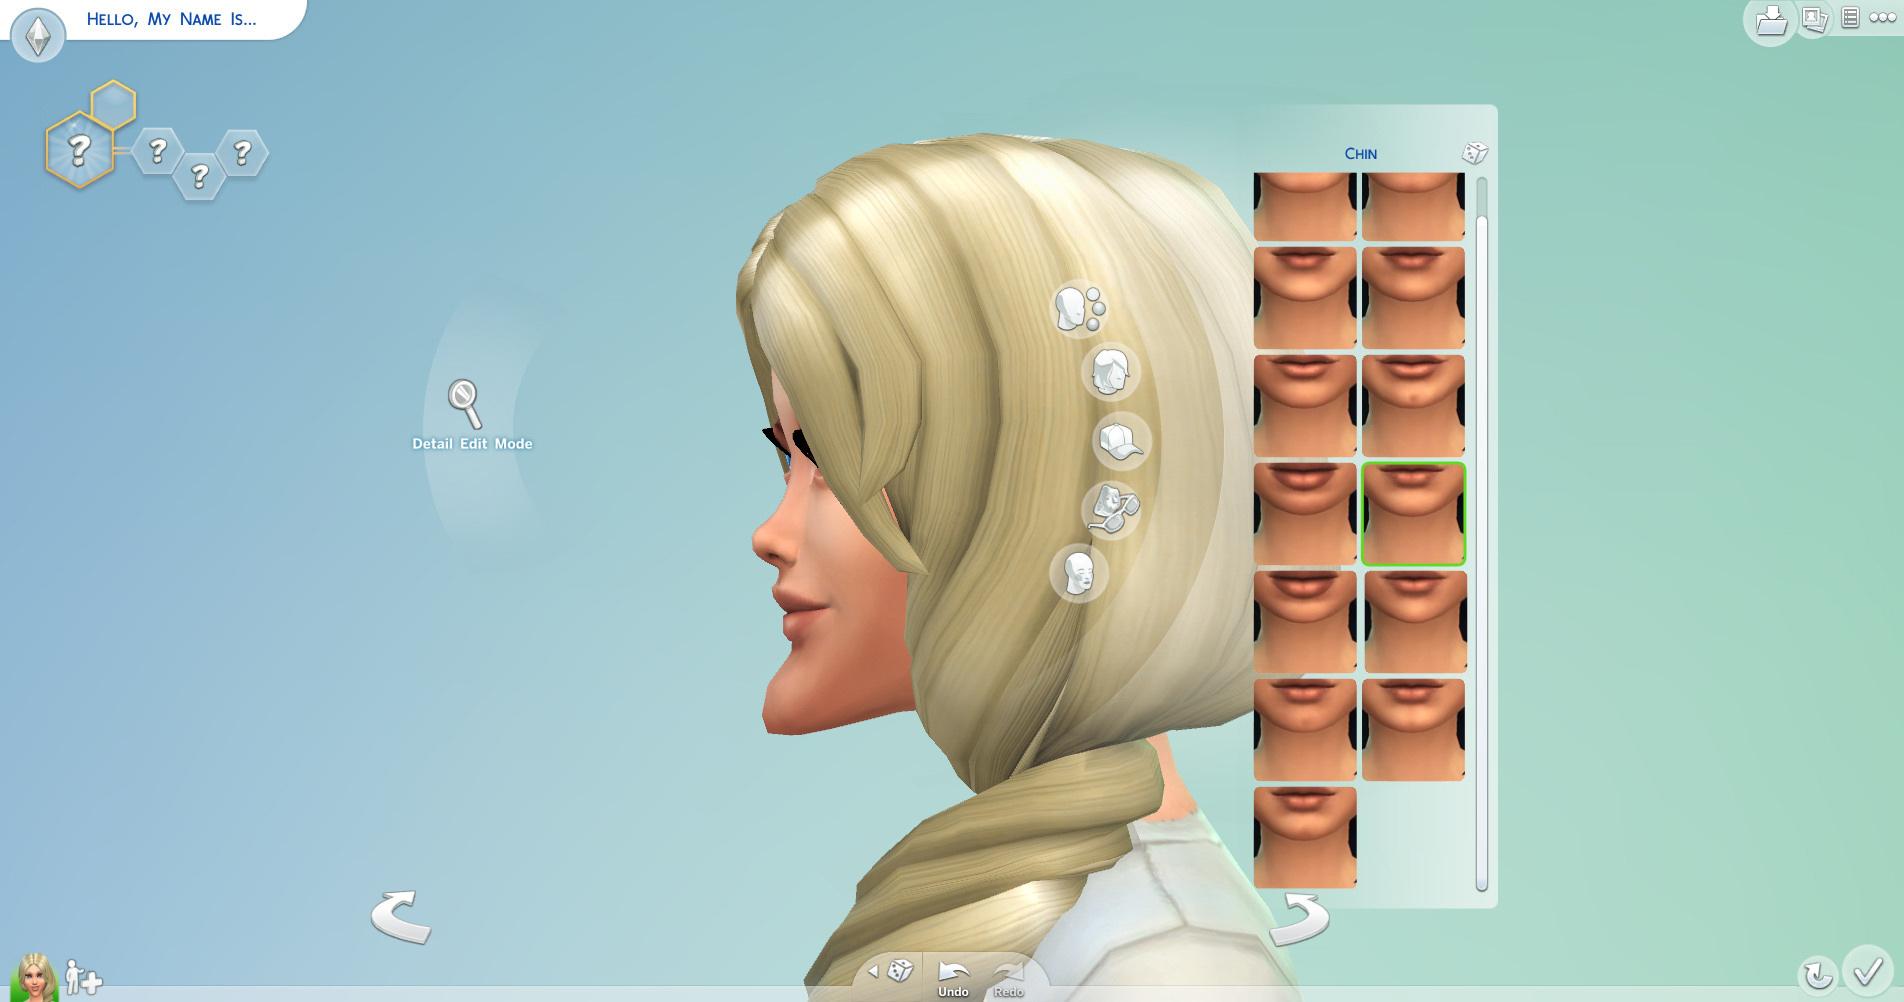 あご、額、頬のパーツを替えたあと微調整をして、あごが小さくフラットなアニメの造形に近づけていく